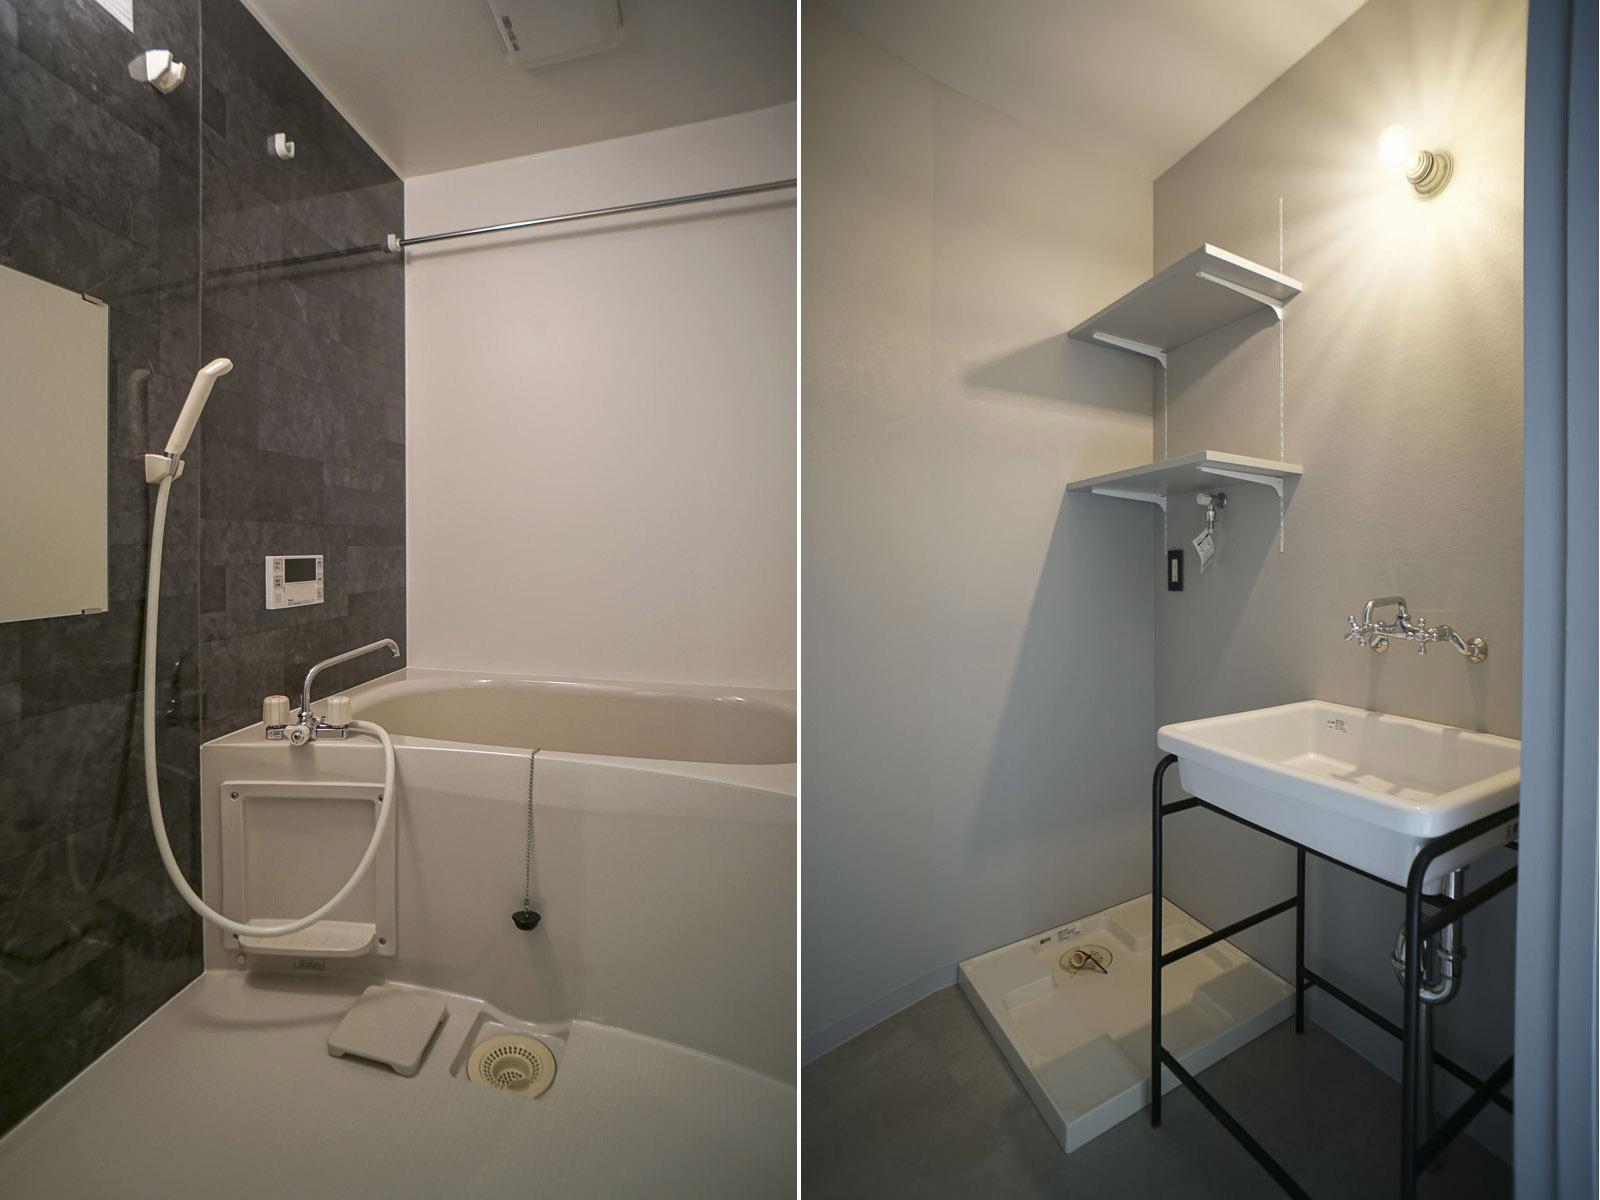 302:浴槽は追いだき機能付き 洗面台には鏡が設置予定